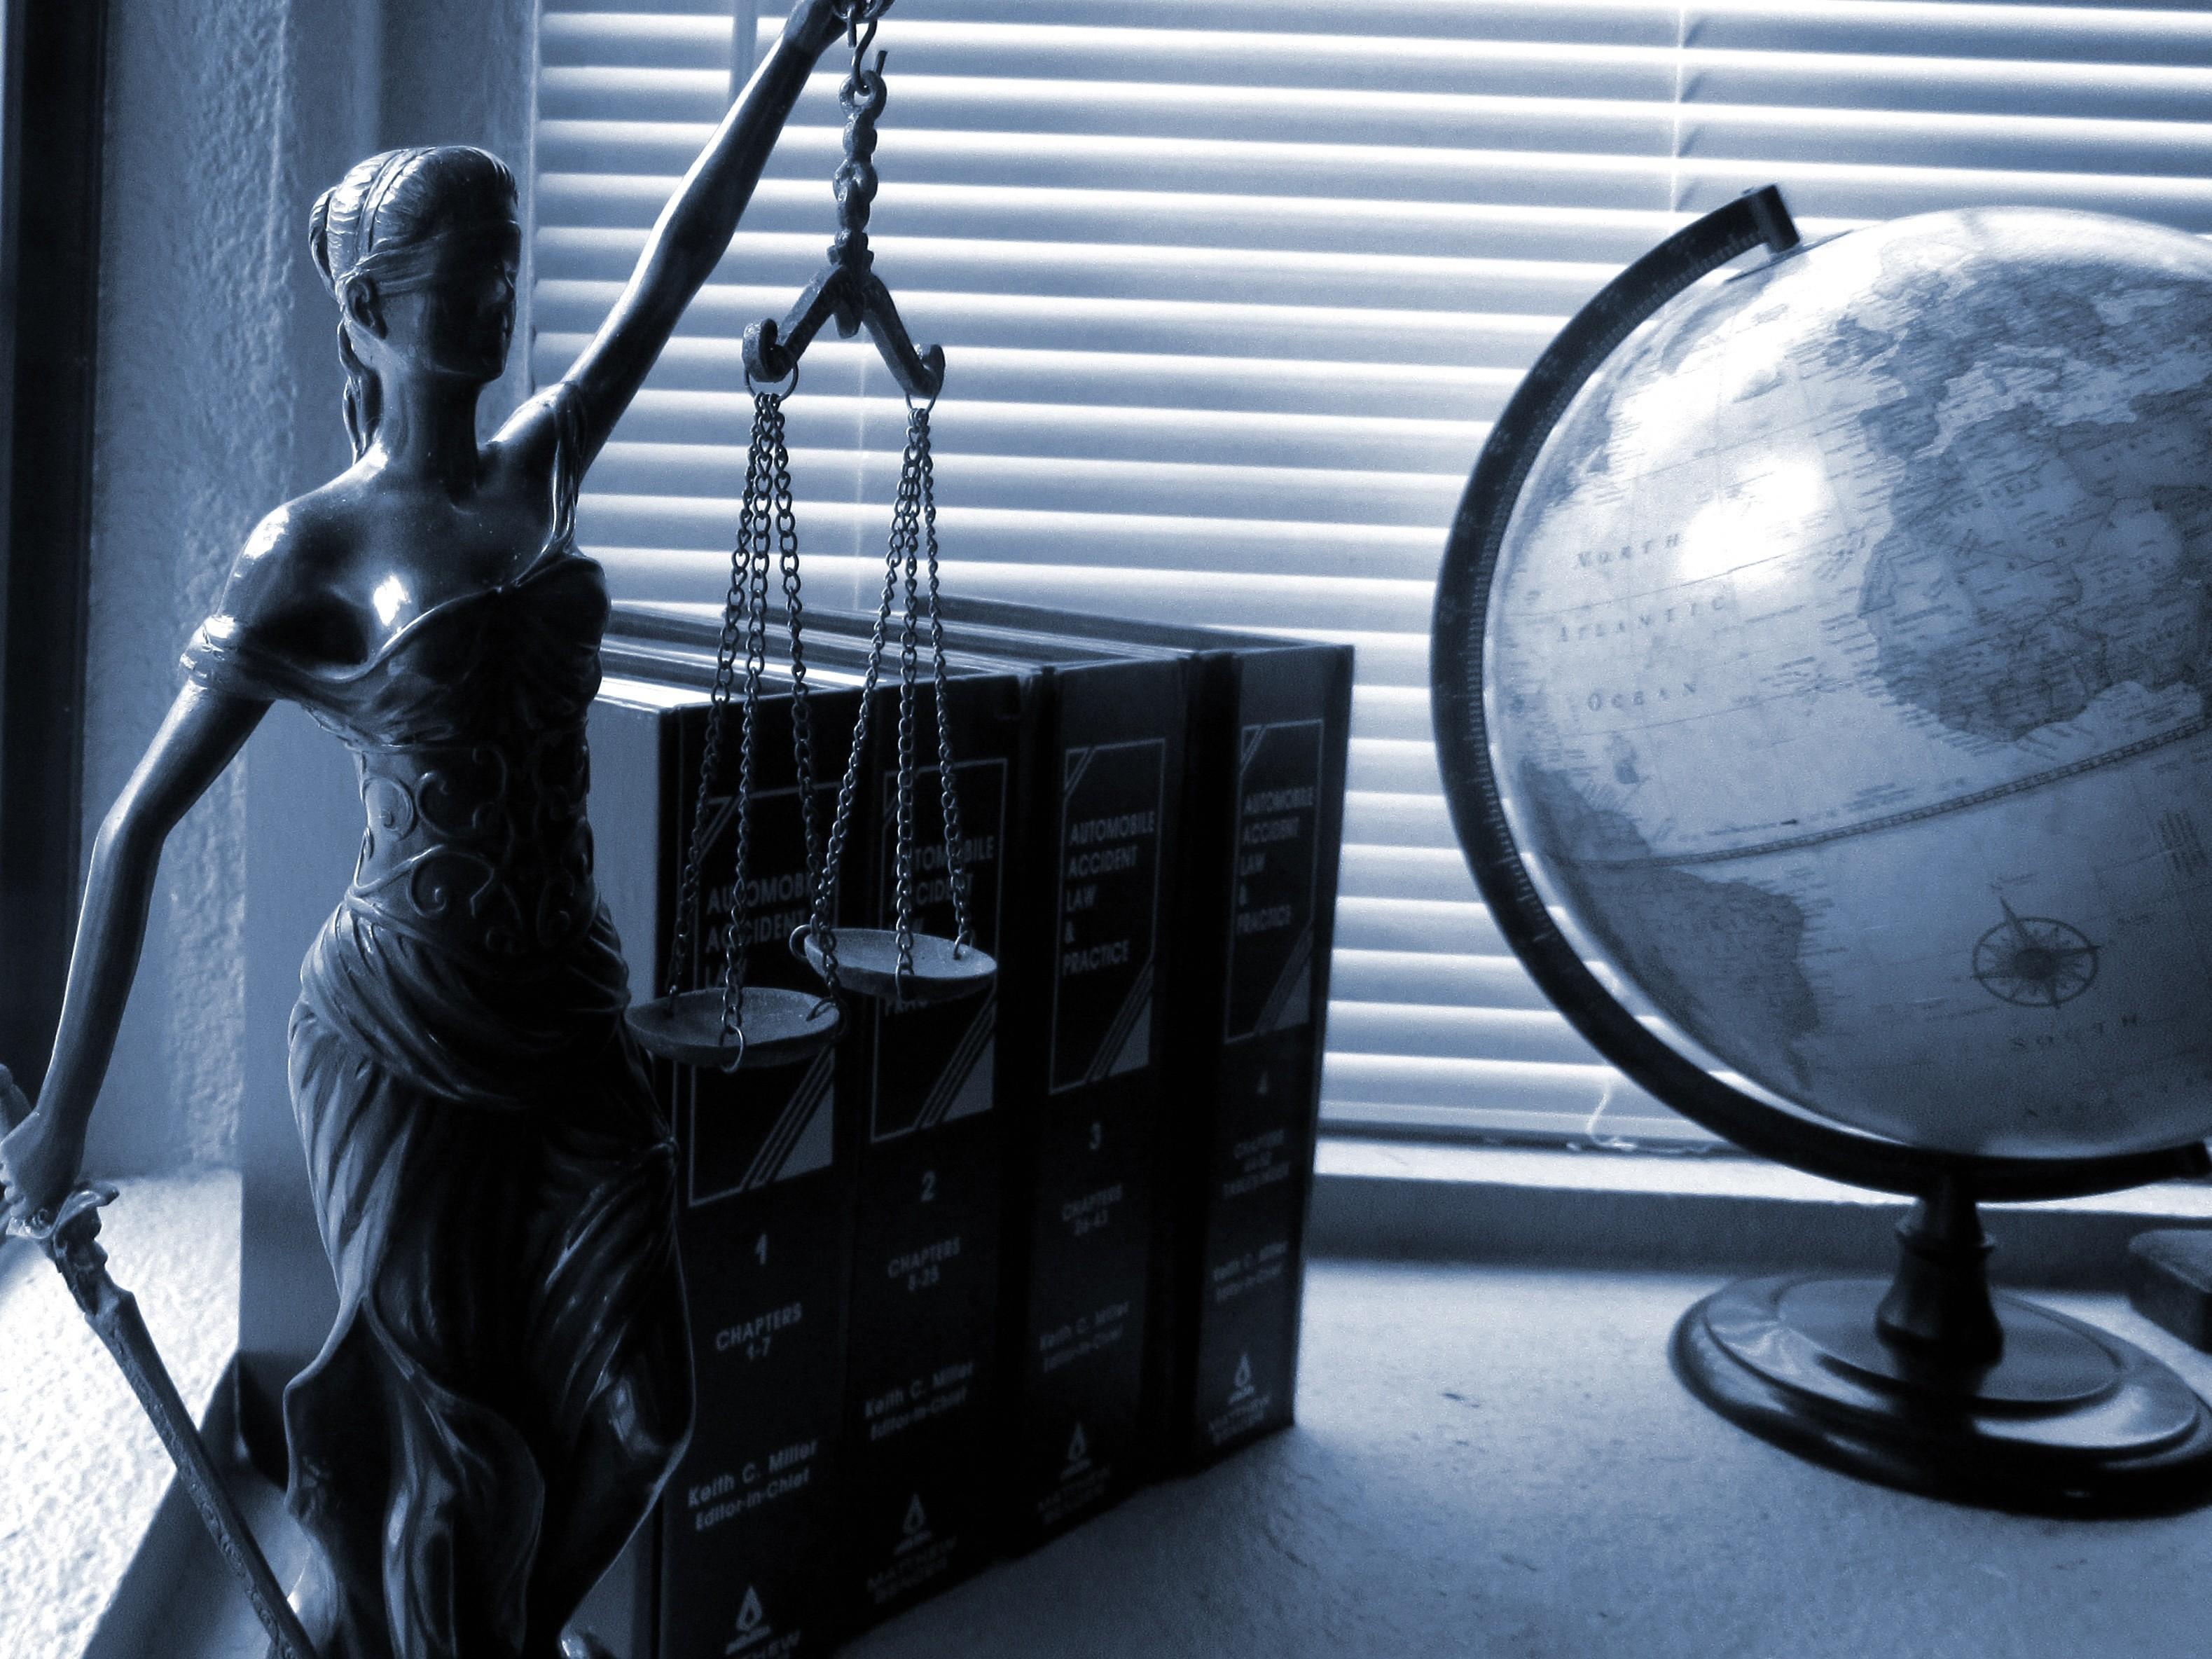 El CGPJ remite trece propuestas al Gobierno para que estudie su inclusión en el Real Decreto-ley de medidas urgentes para la Administración de Justicia